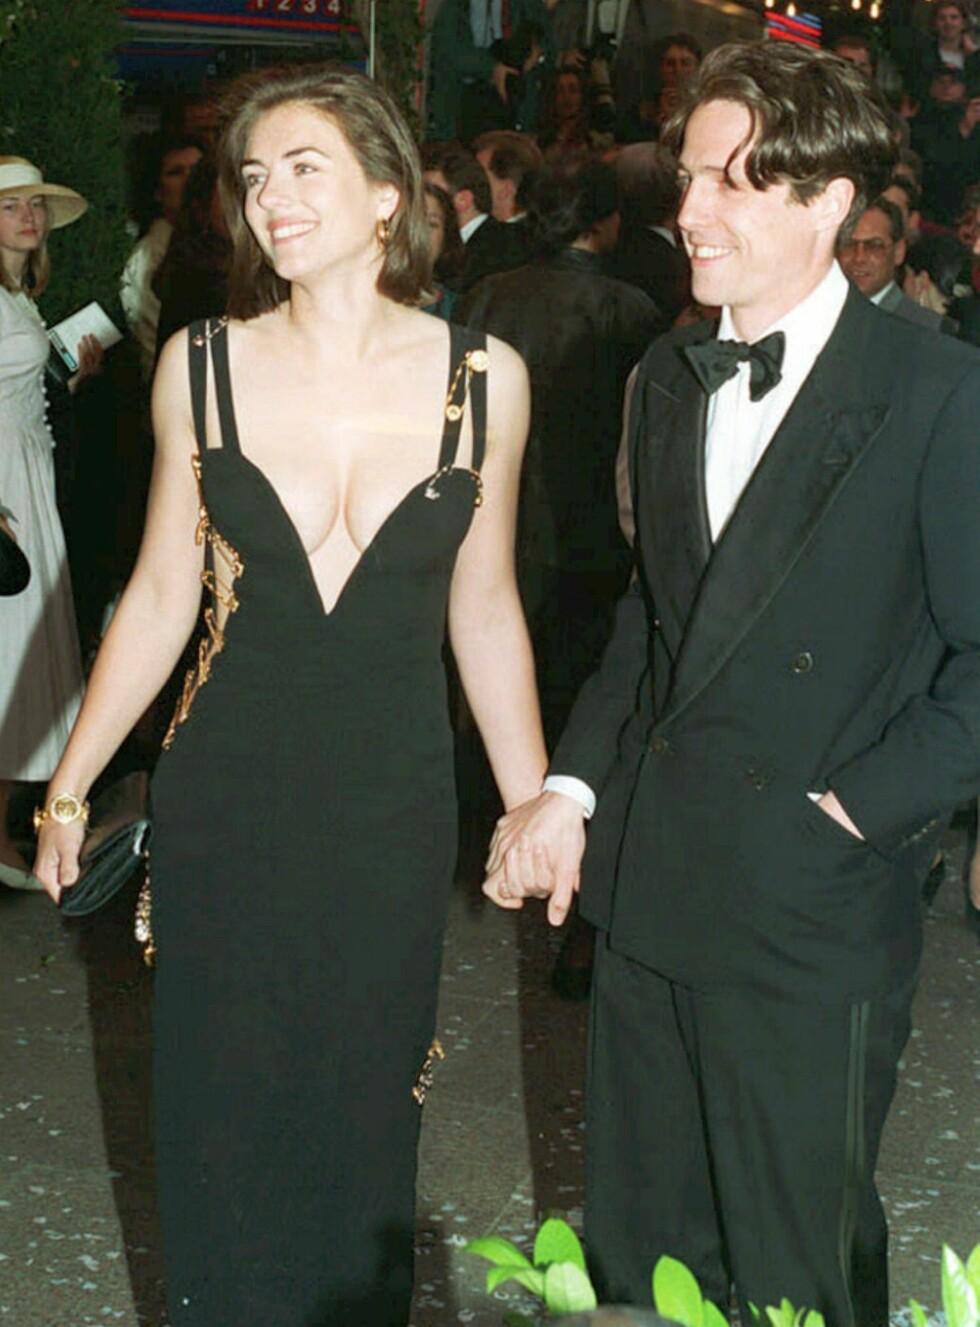 IKONISK: Elizabeth Hurley ble for alvor kjent da hun dukket opp på den røde løperen i denne Versace-kjolen i 1994, ved siden av sin ikke helt ukjente kjæreste Hugh Grant. Foto: NTB Scanpix/AP photo